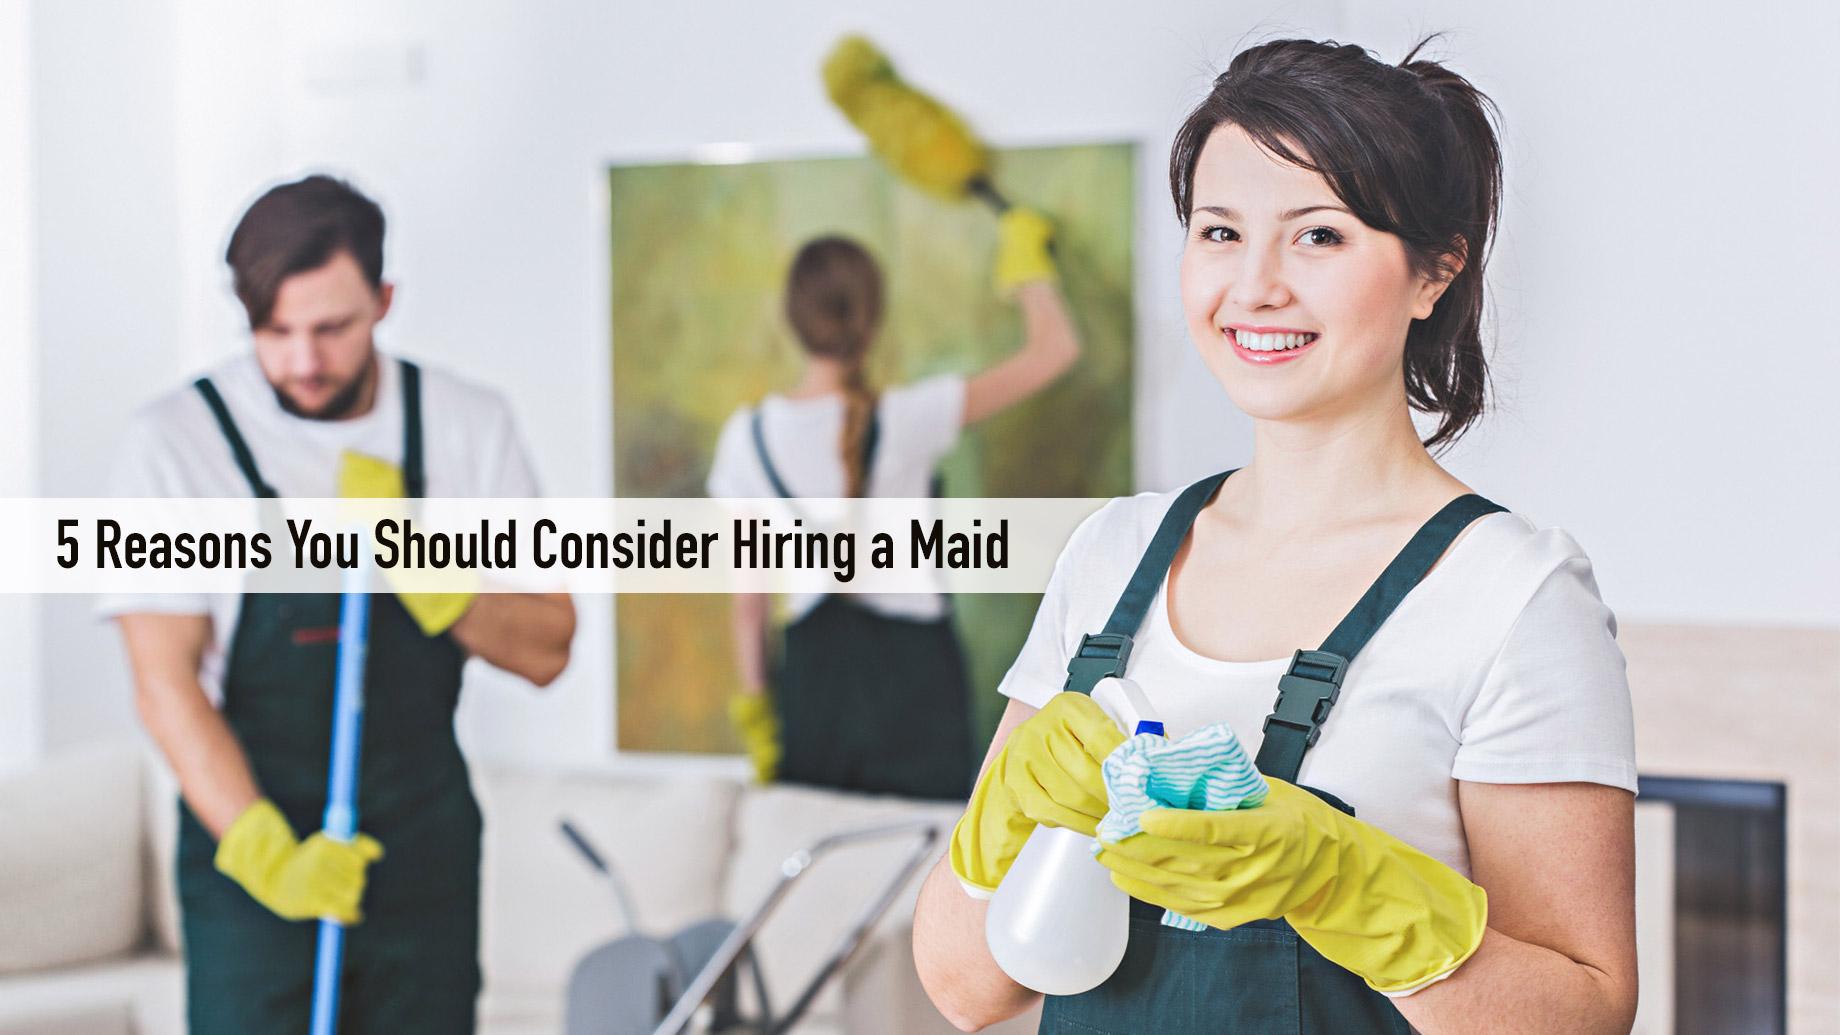 5 Reasons You Should Consider Hiring a Maid